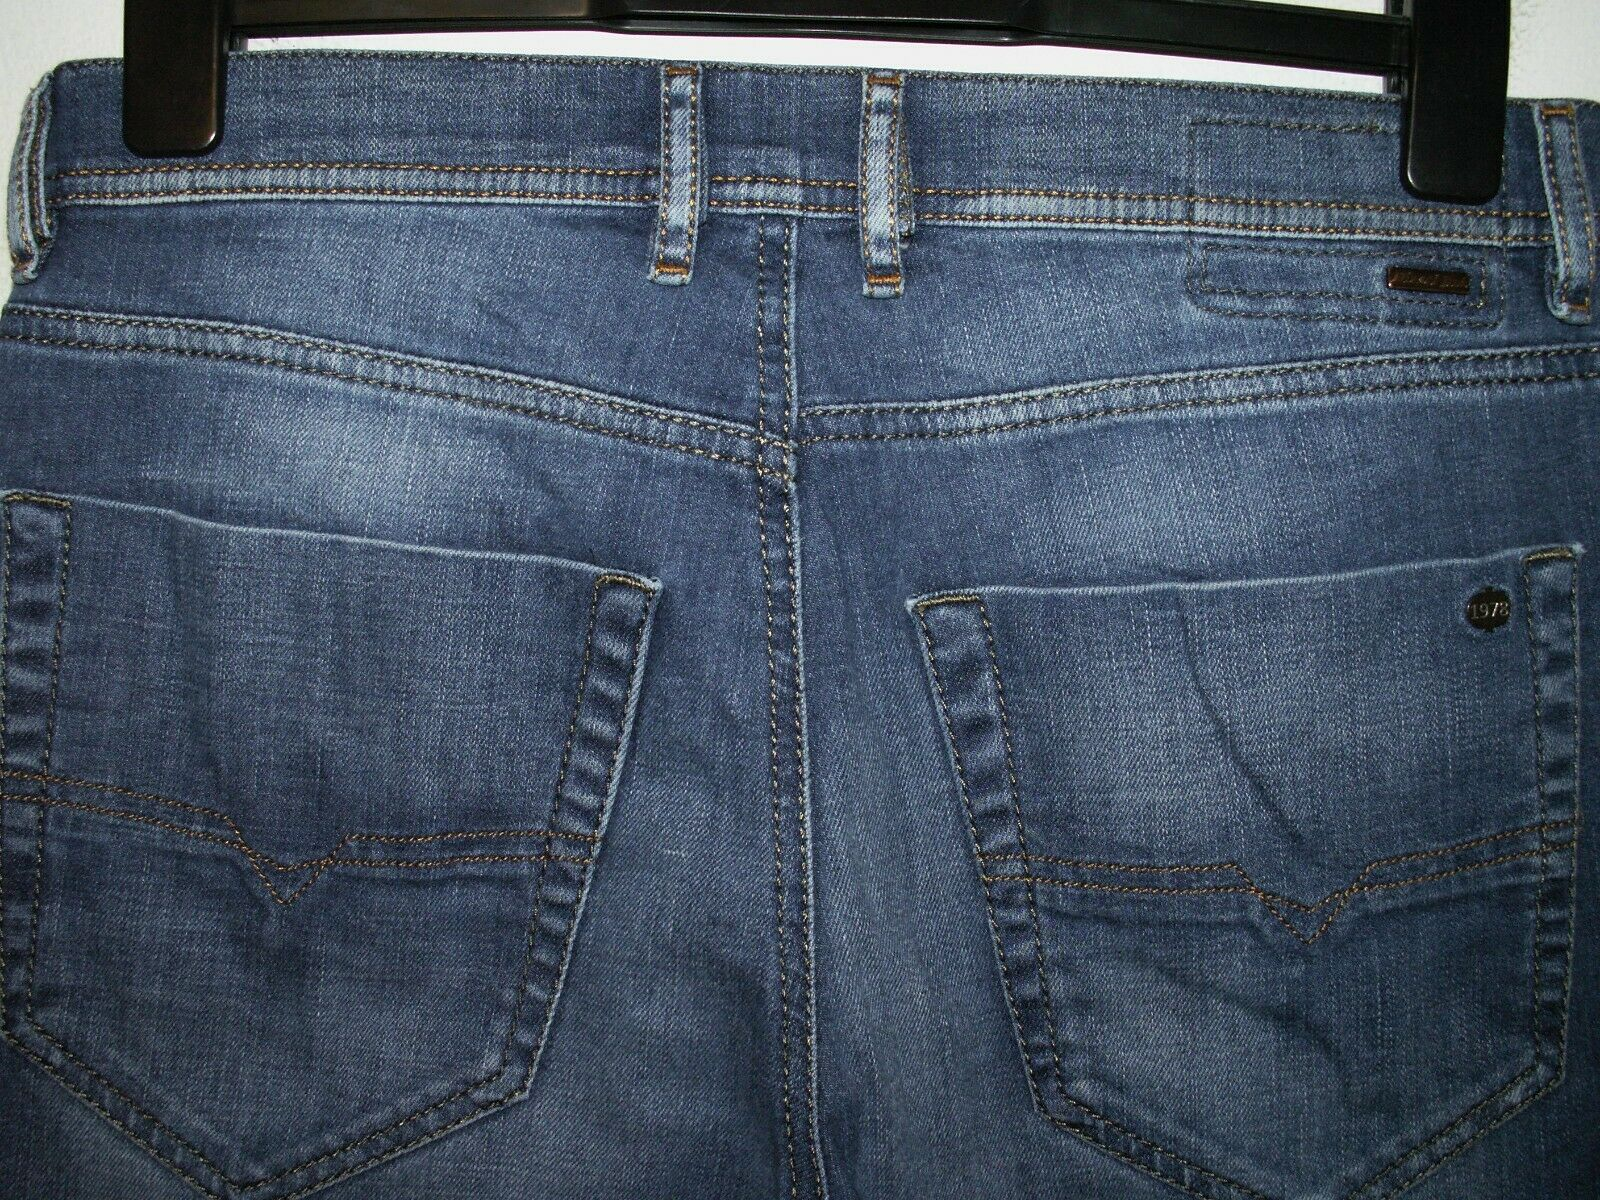 b2a1b052 DIESEL TEPPHAR SLIM-CARred FIT 0831D STRETCH L32 5957 JEANS W30(32)  navlnd1579-Jeans